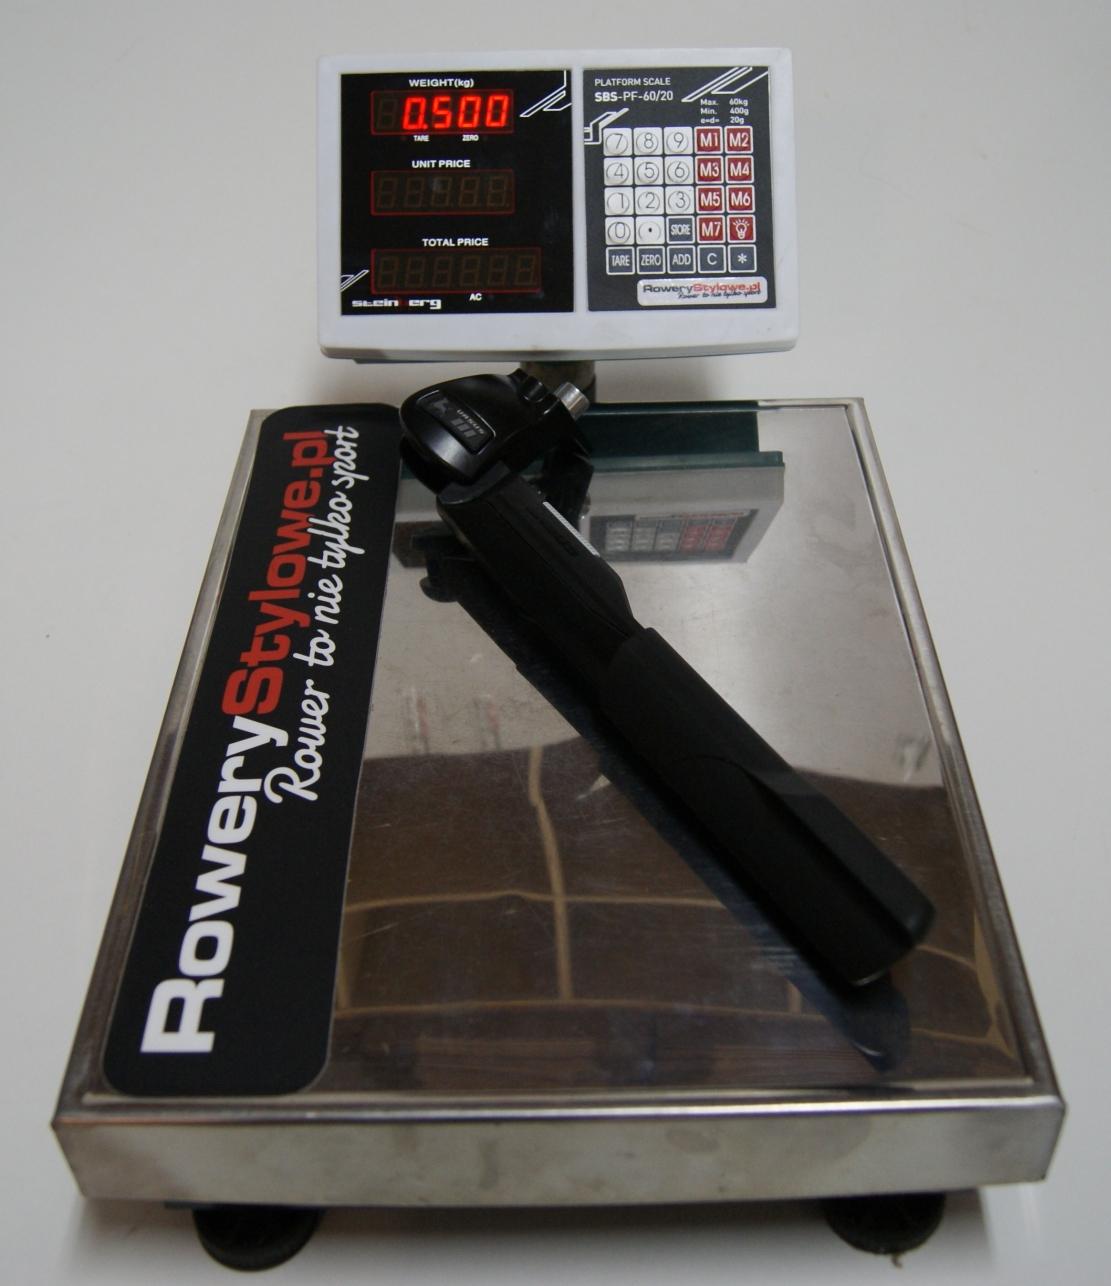 Nóżka rowerowa URSUS Kaiser 26-29 55kg 500 gram